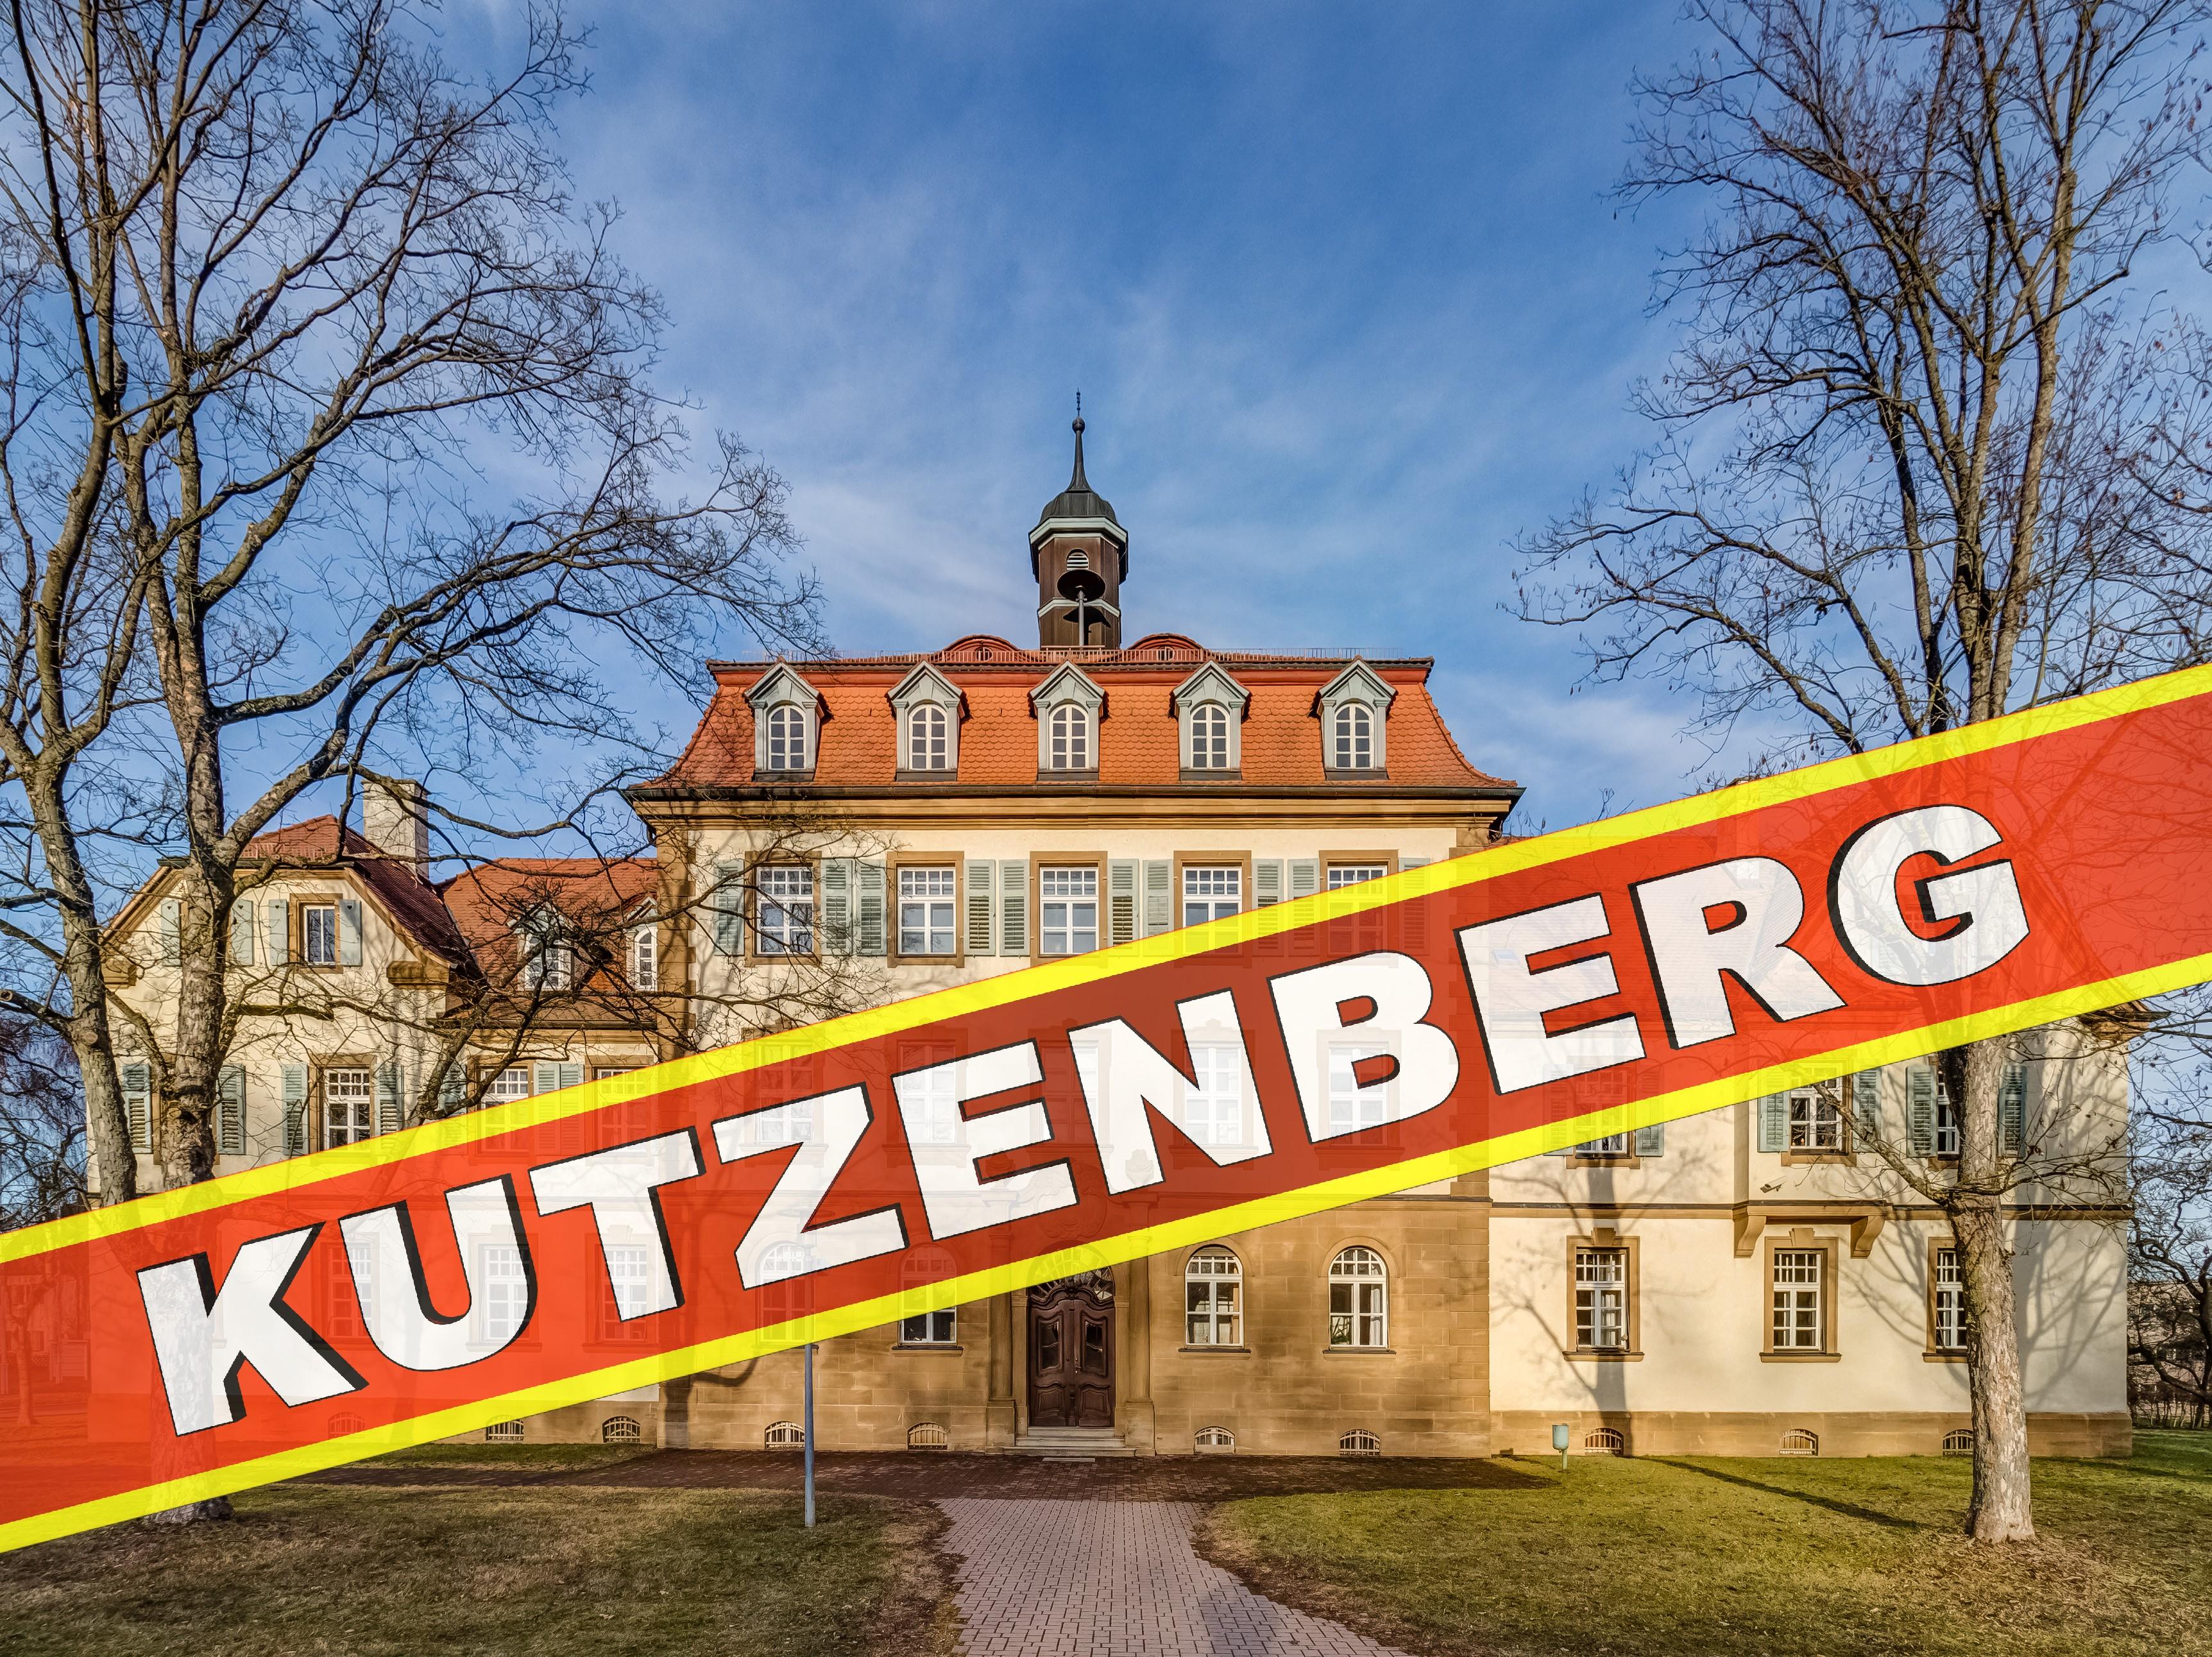 Kutzenberg Haus 11